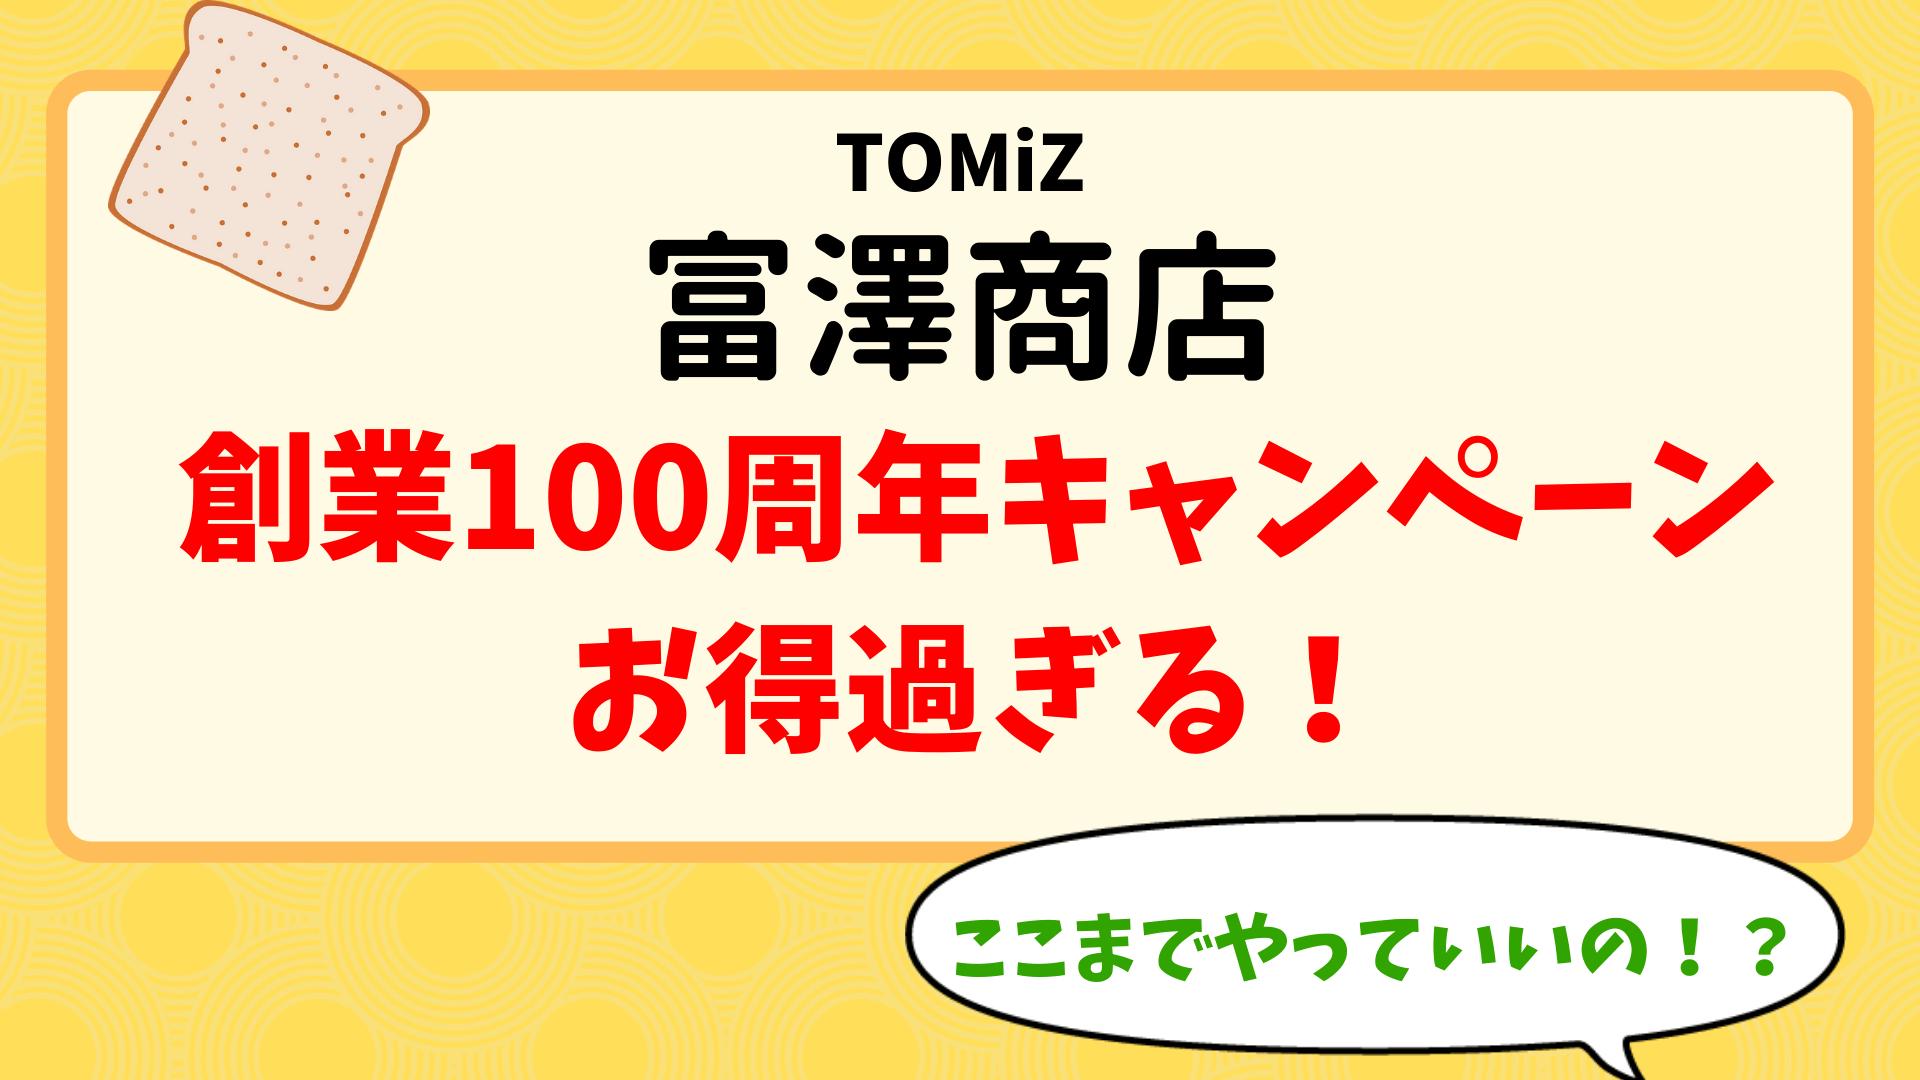 富澤商店創業100周年キャンペーン紹介